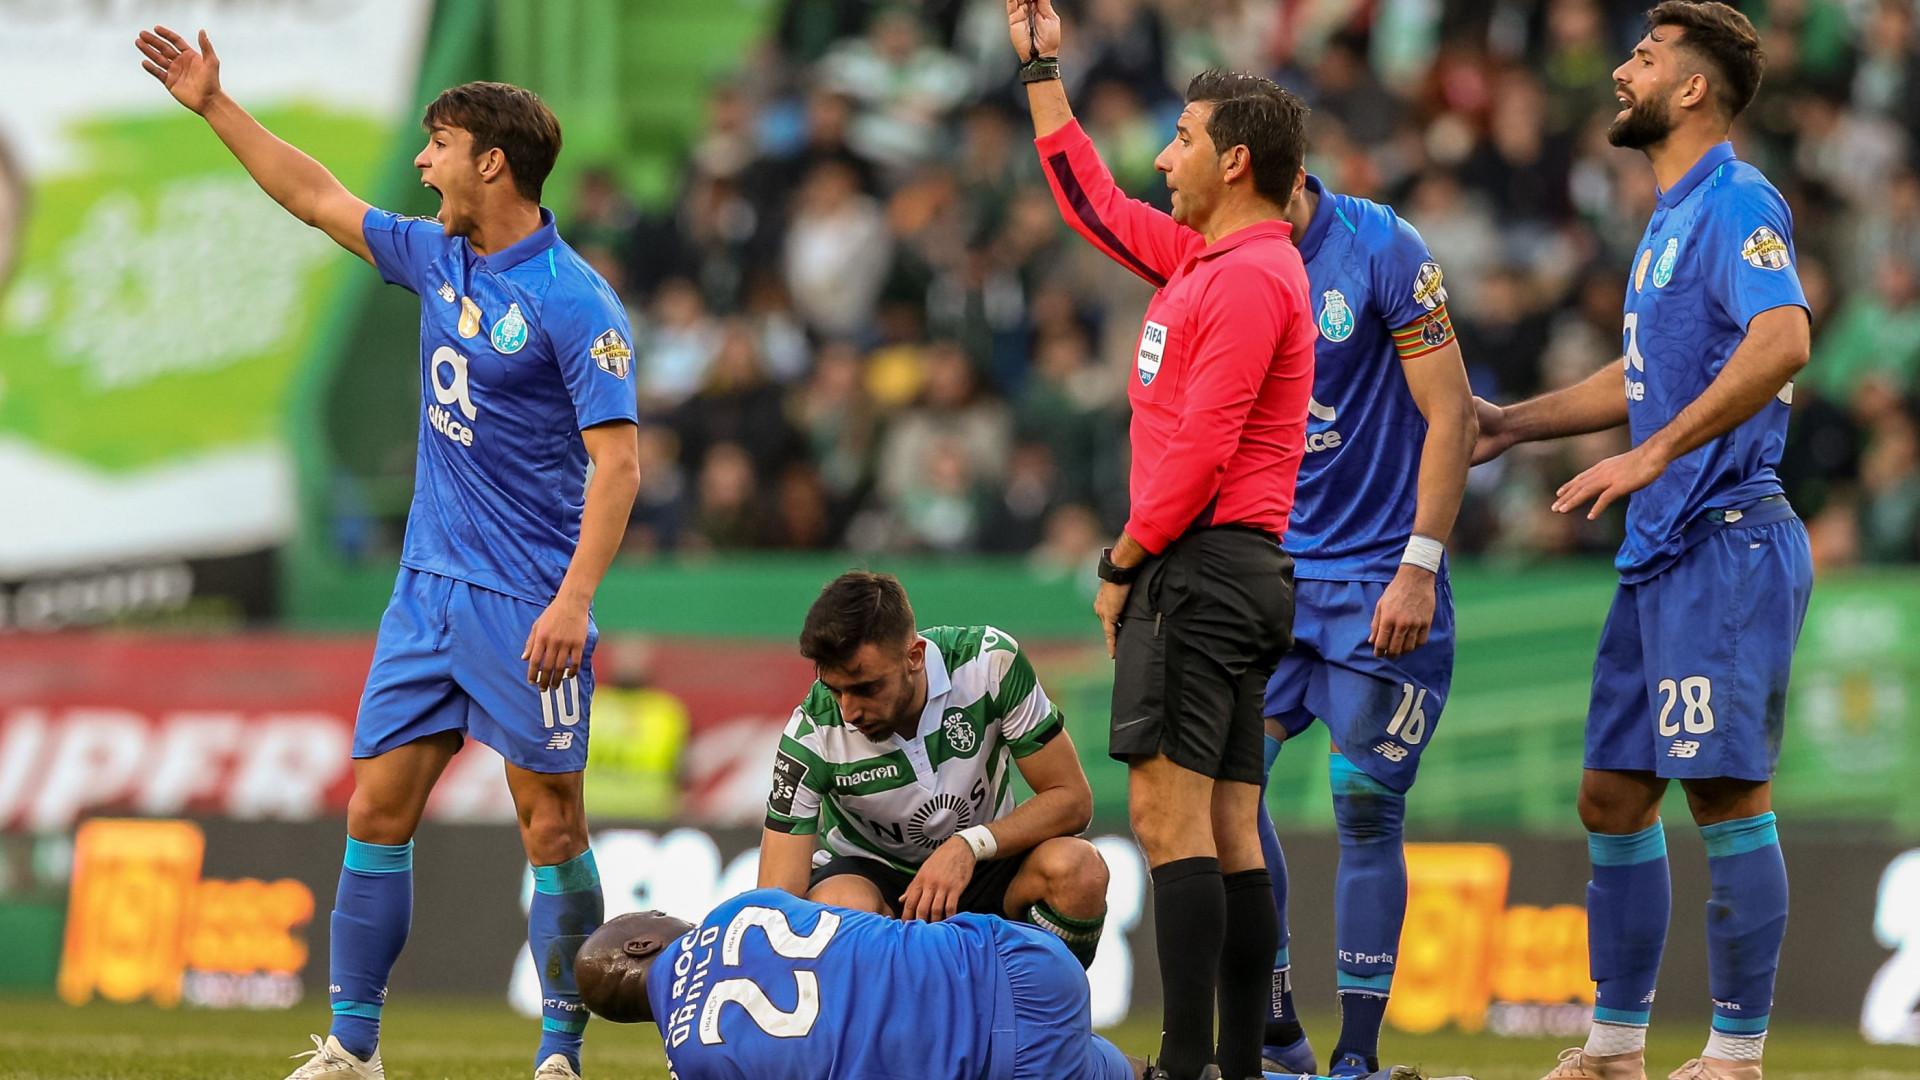 Danilo e Maxi: FC Porto revela extensão da lesão de médio e defesa